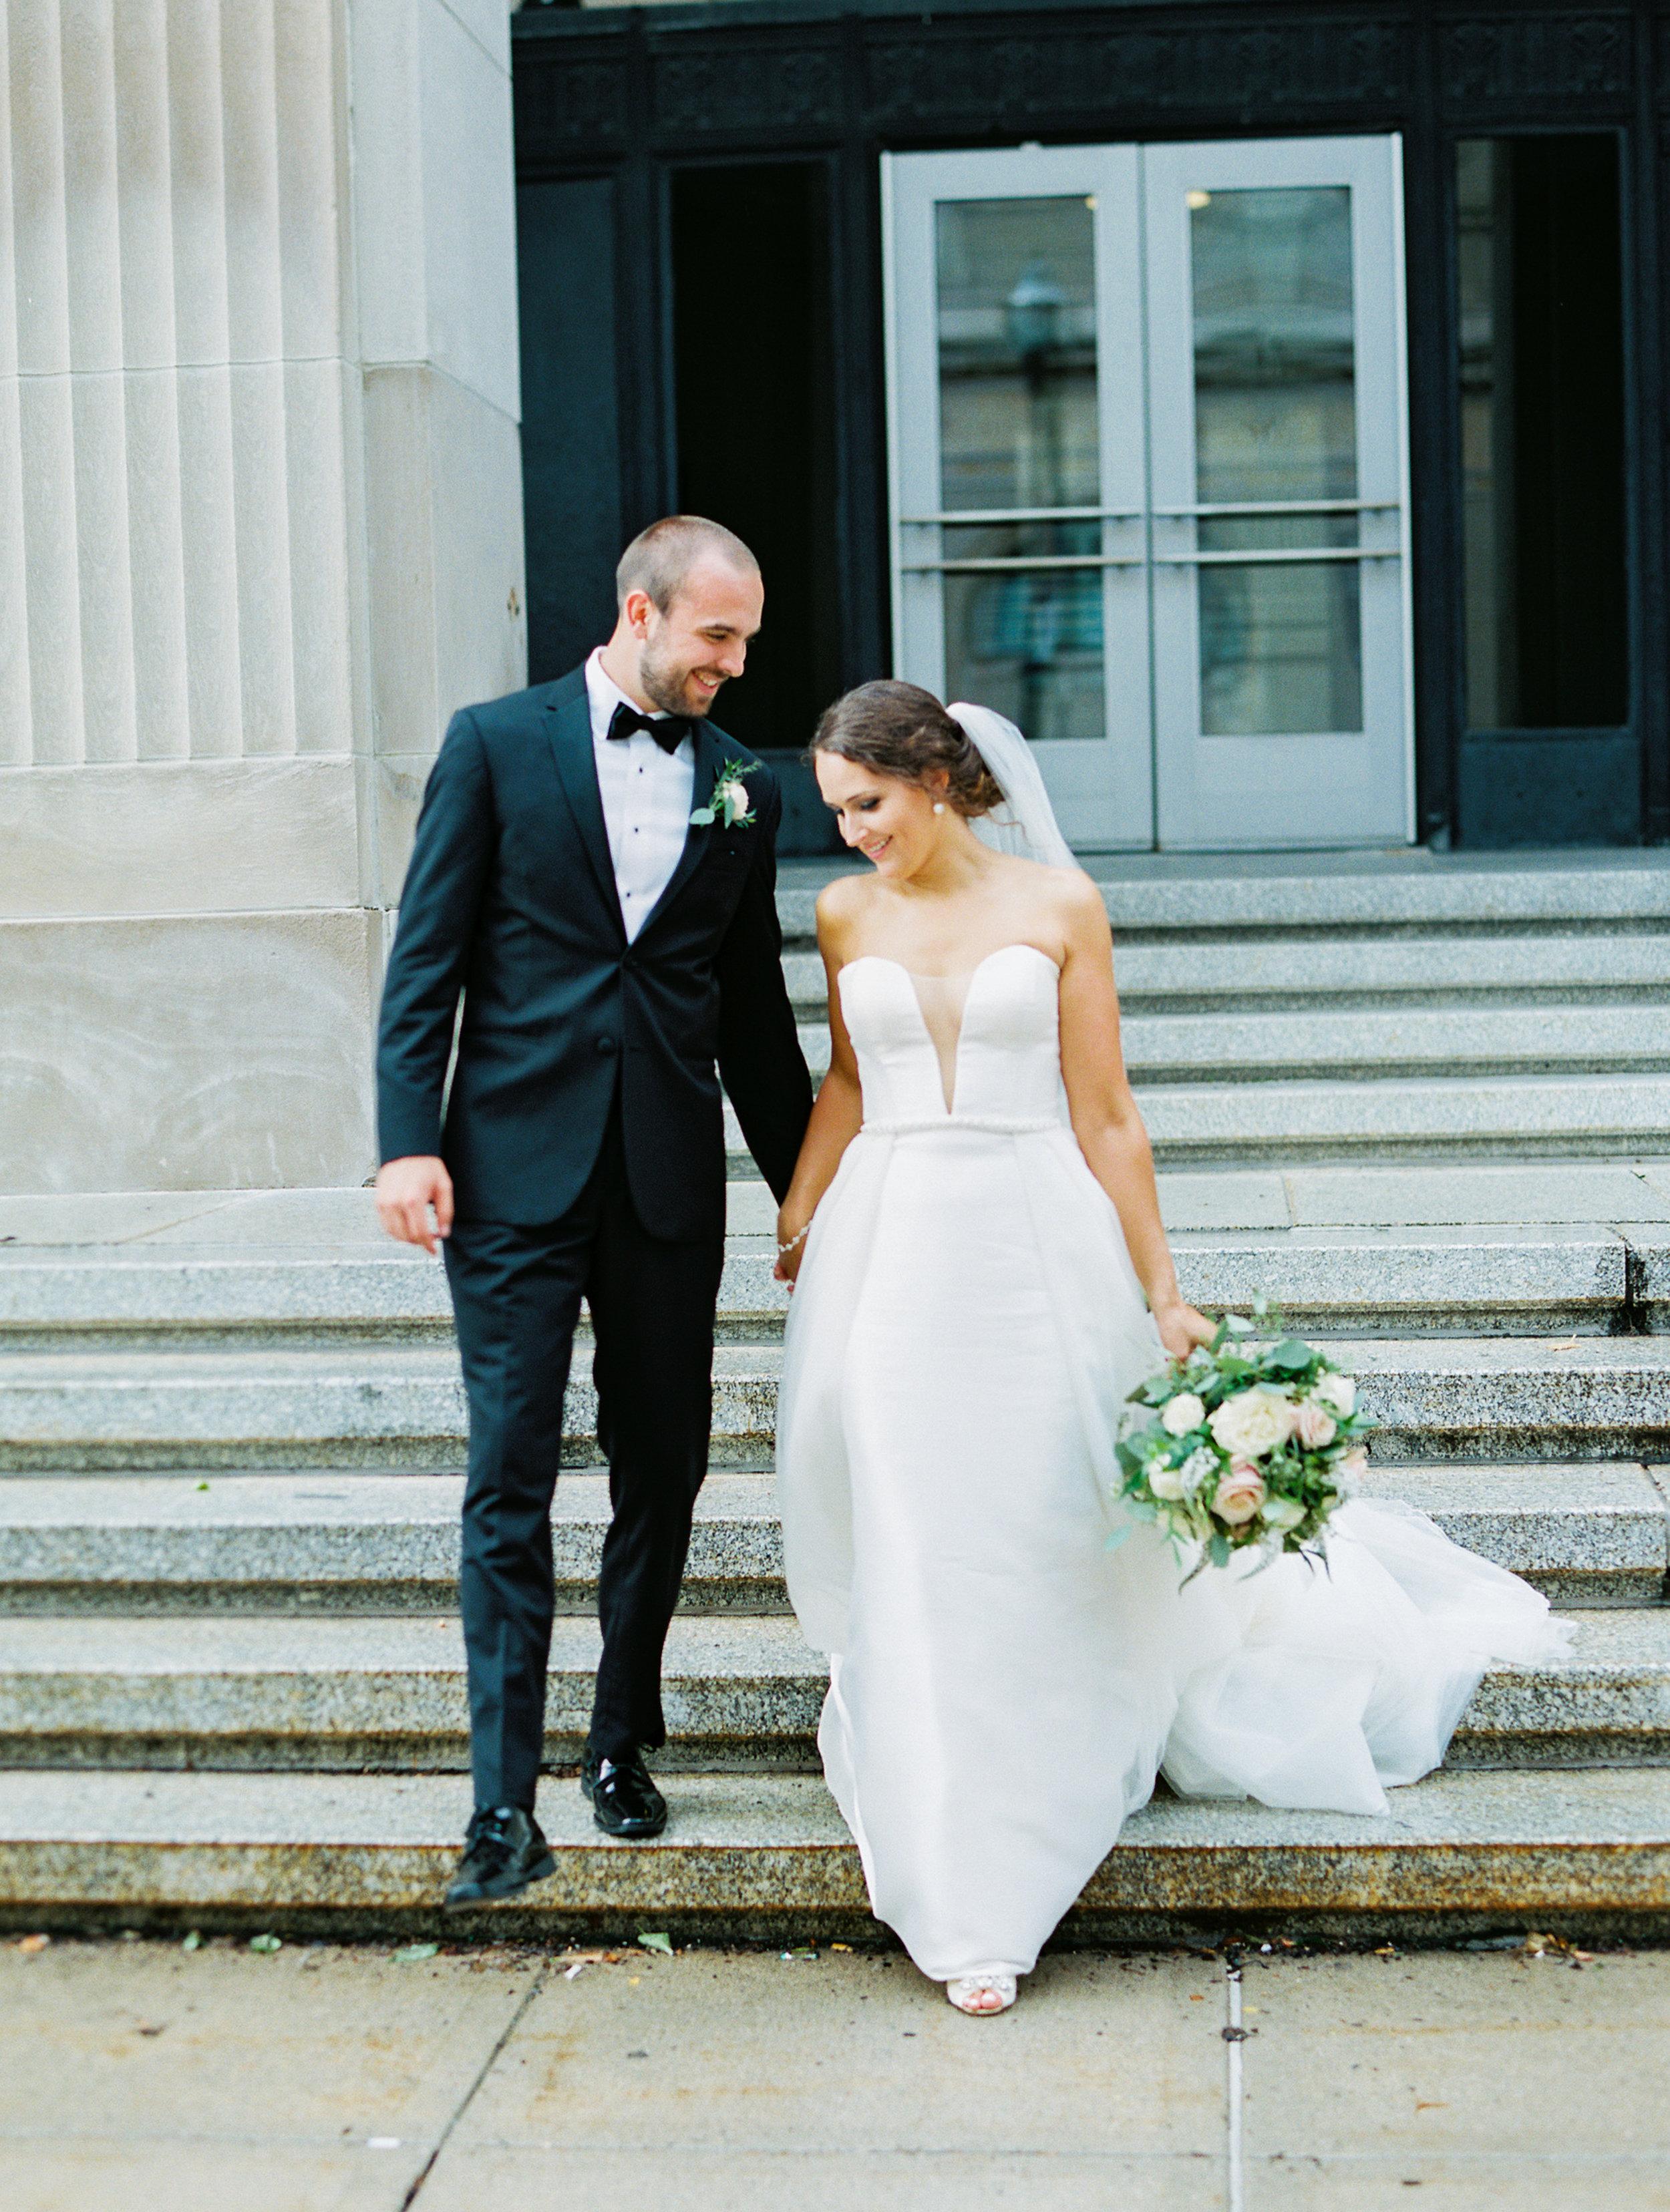 Steiner+Wedding+Bridal+Party-63.jpg